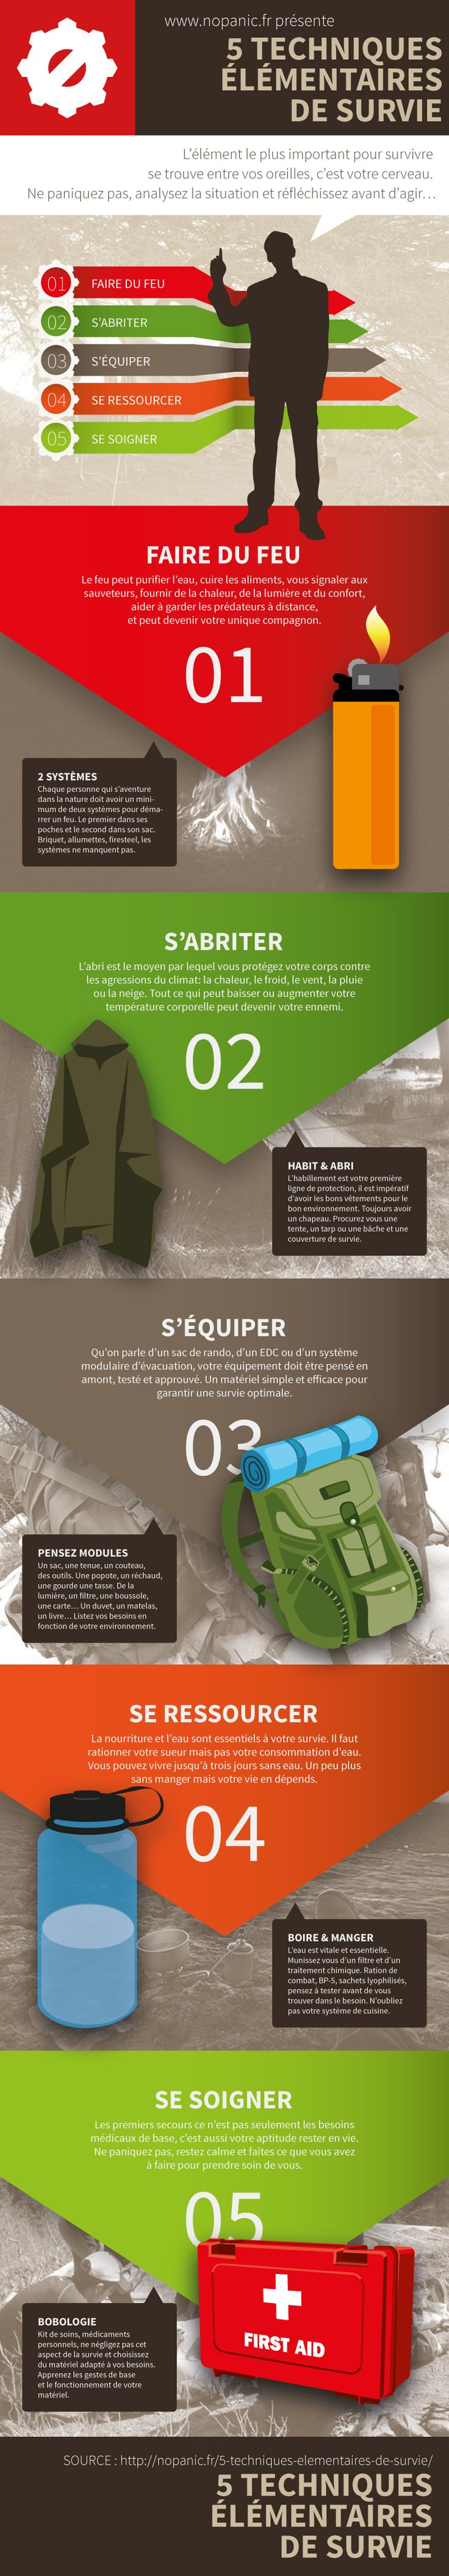 Infographie : 5 élémentaires de la survie | NoPanic